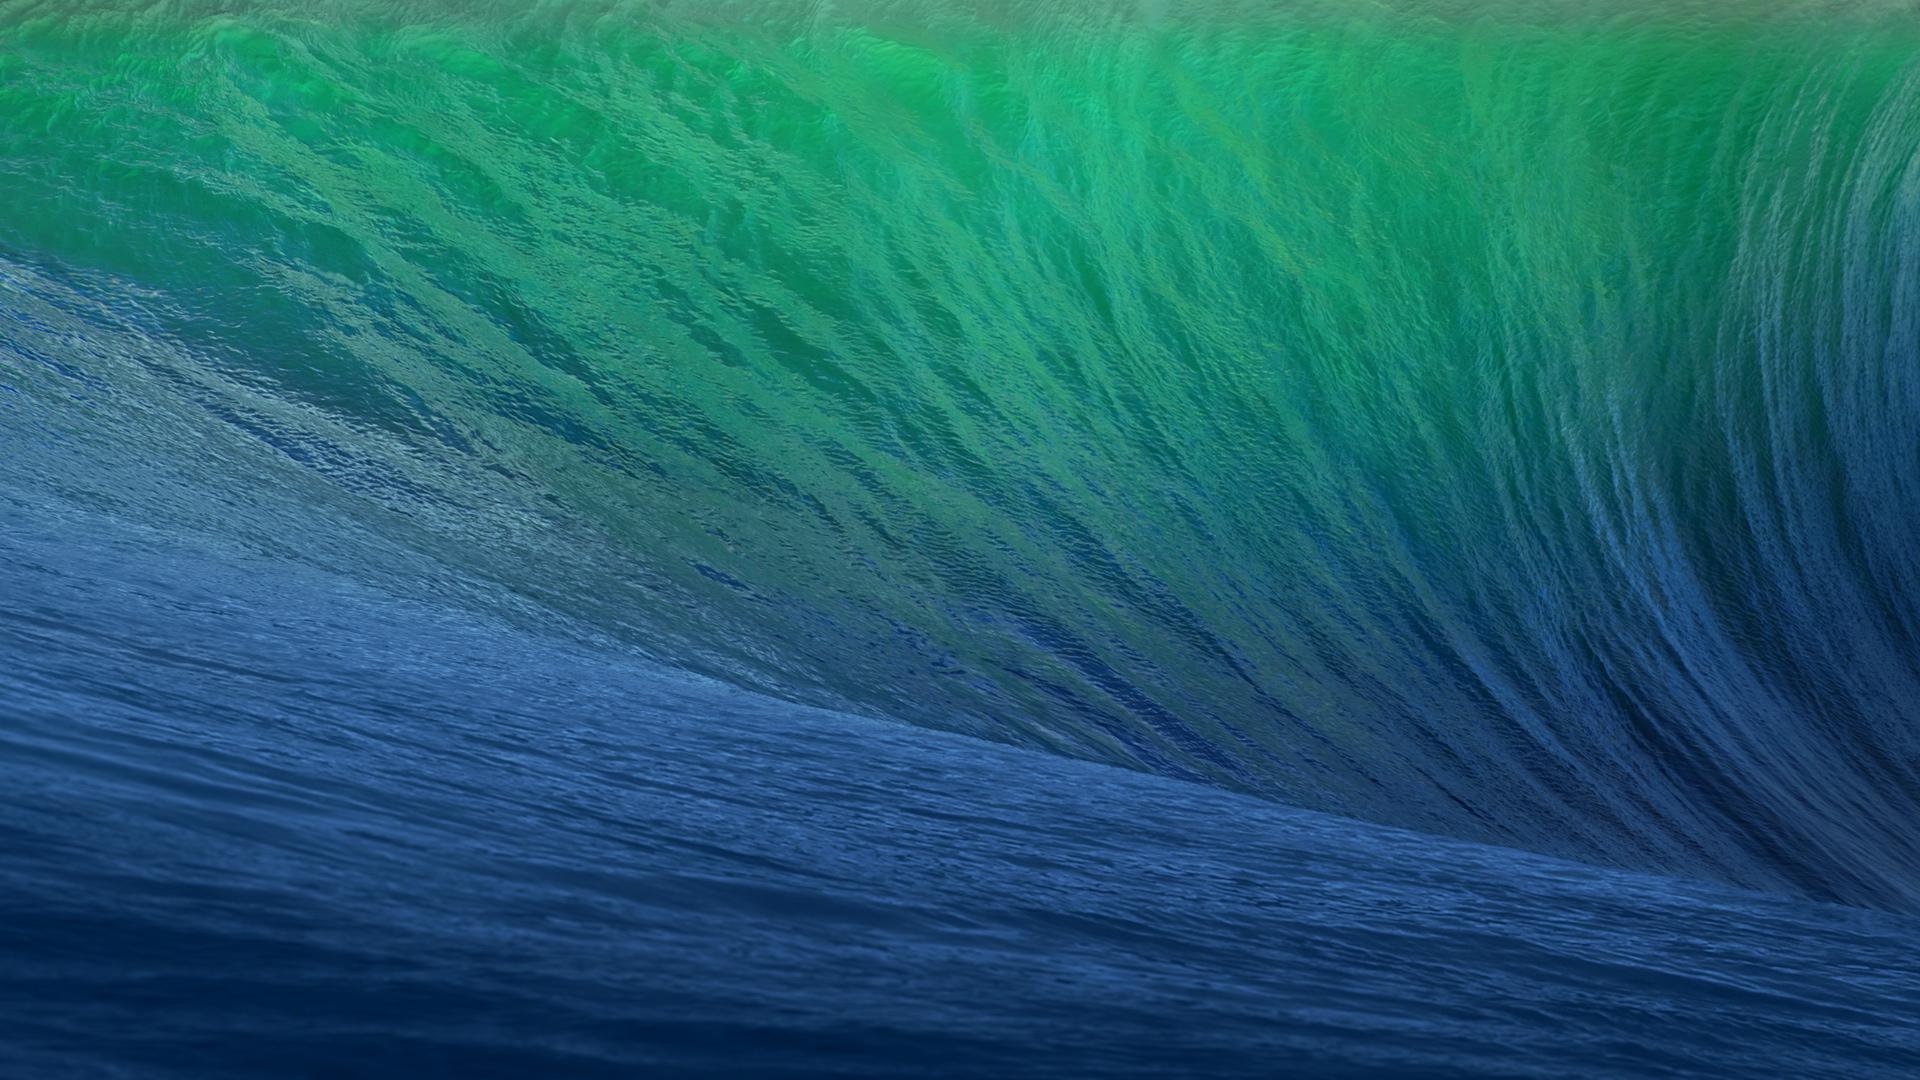 苹果MAC巨浪壁纸大全